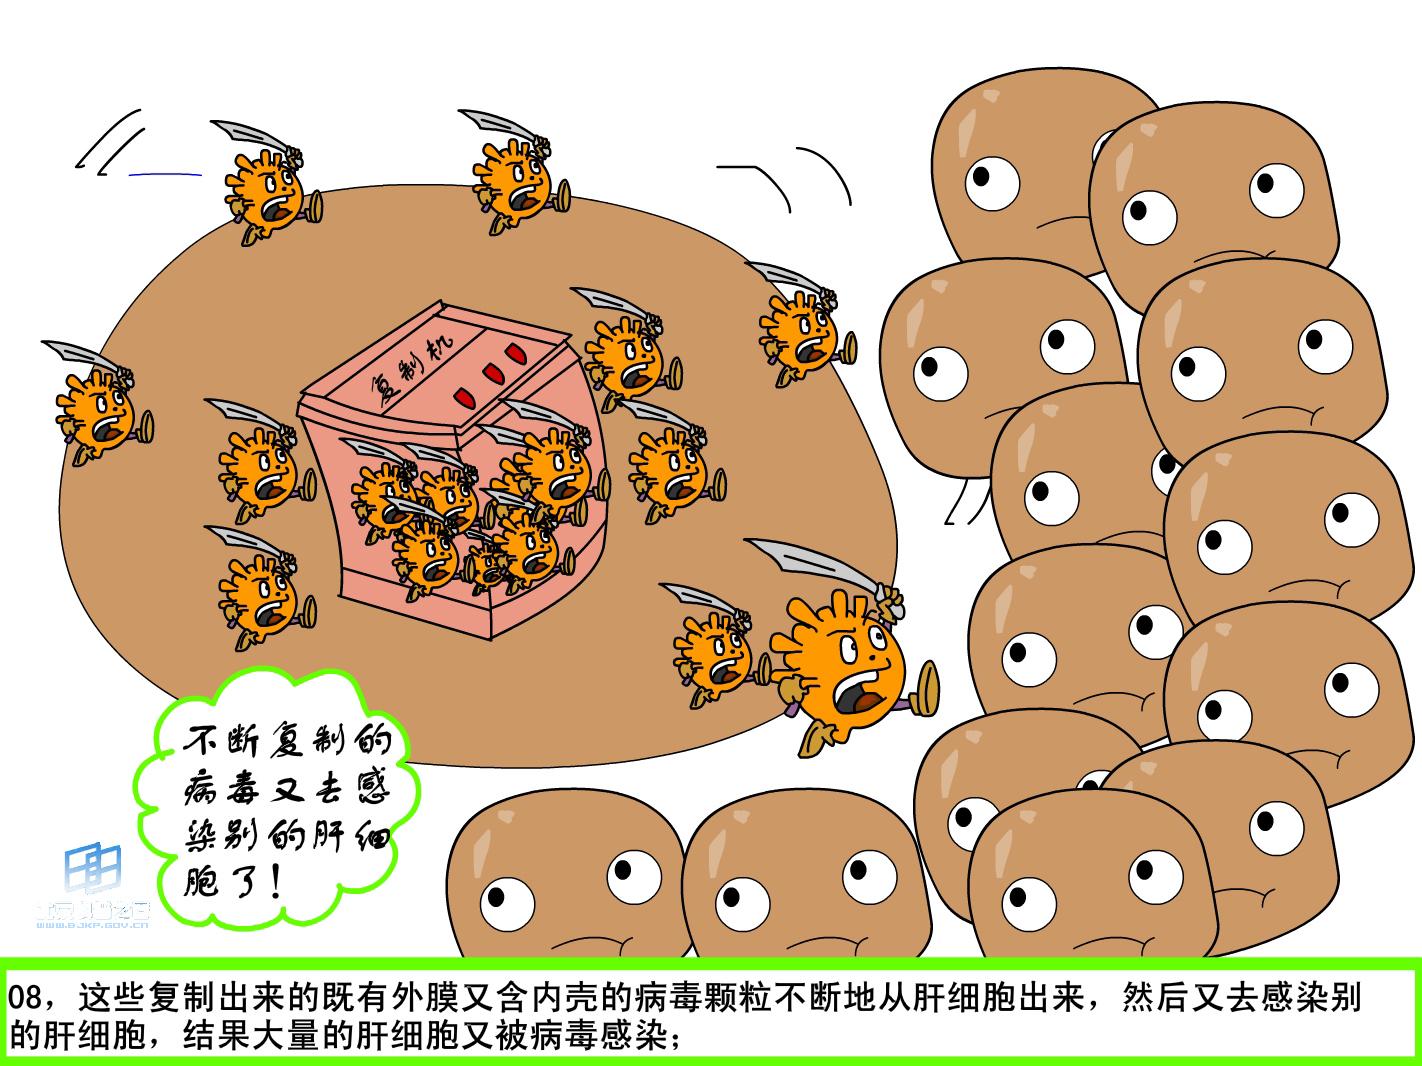 动漫 卡通 漫画 设计 矢量 矢量图 素材 头像 1422_1066